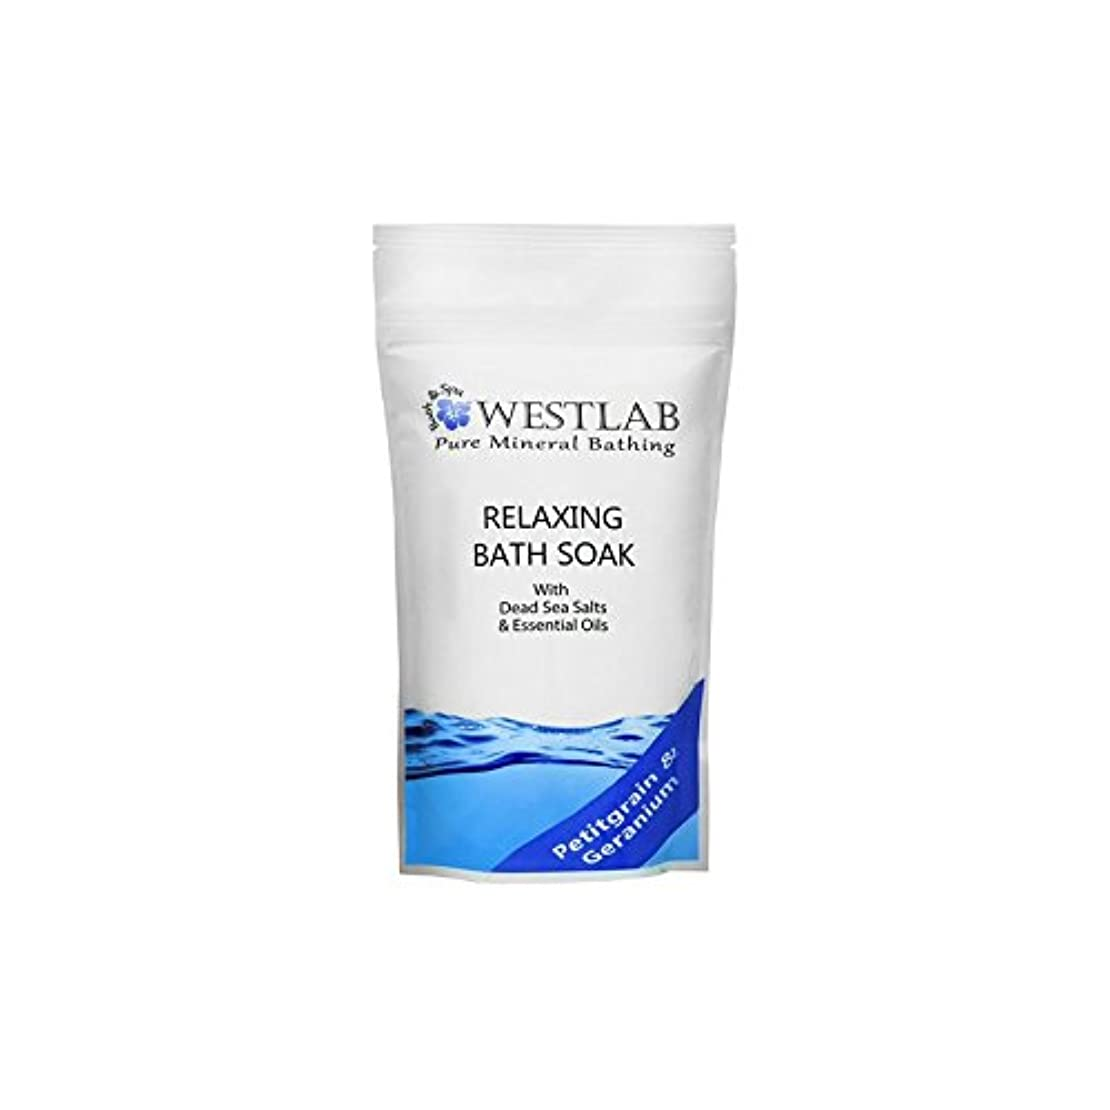 過剰明らかにする凝視死海の塩浴浸漬(500グラム)をリラックス x4 - Westlab Relax Dead Sea Salt Bath Soak (500g) (Pack of 4) [並行輸入品]